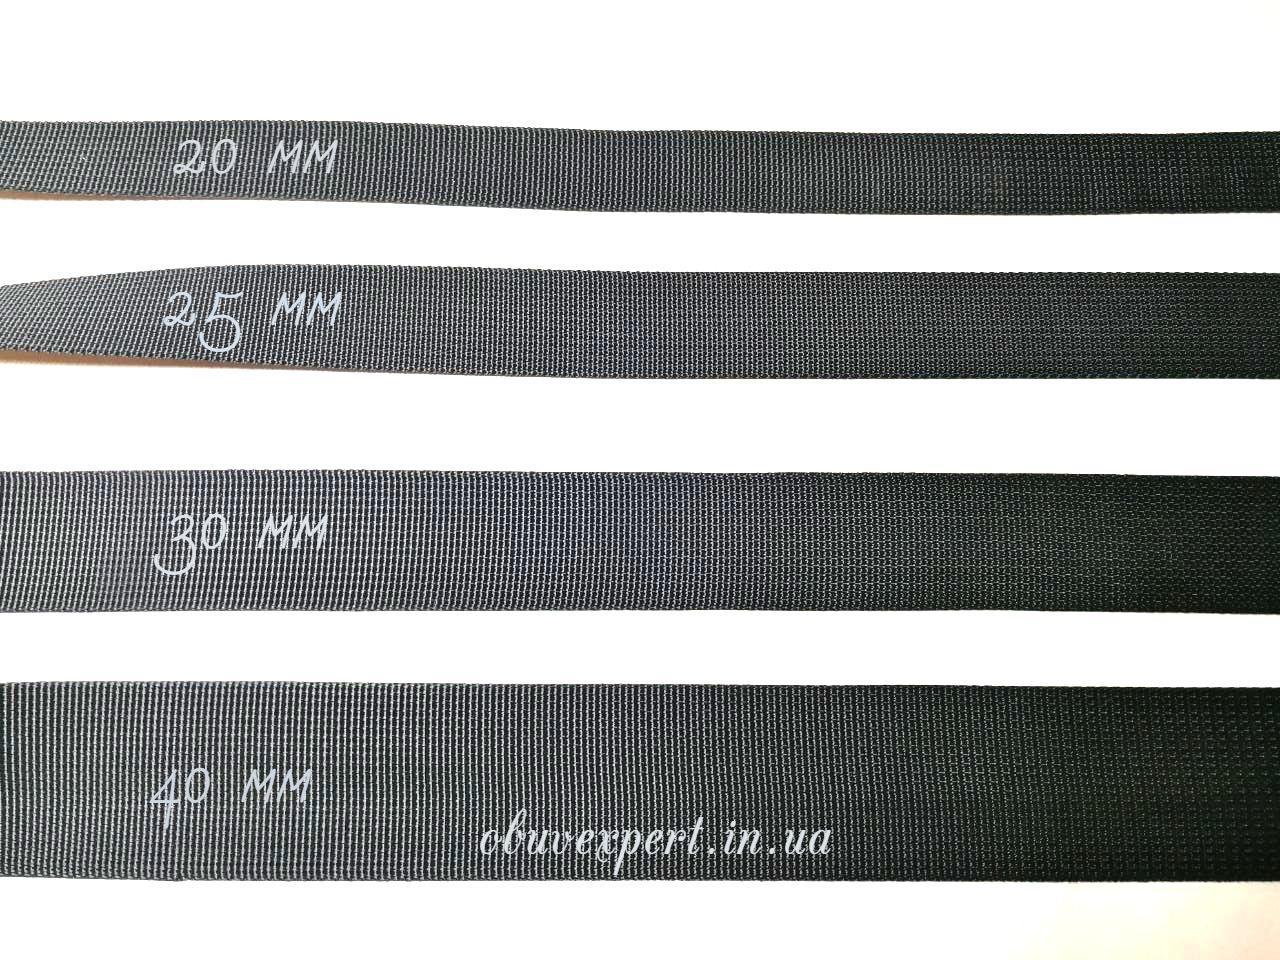 Ременная лента 30 мм Репсовое плетение, цв. черный